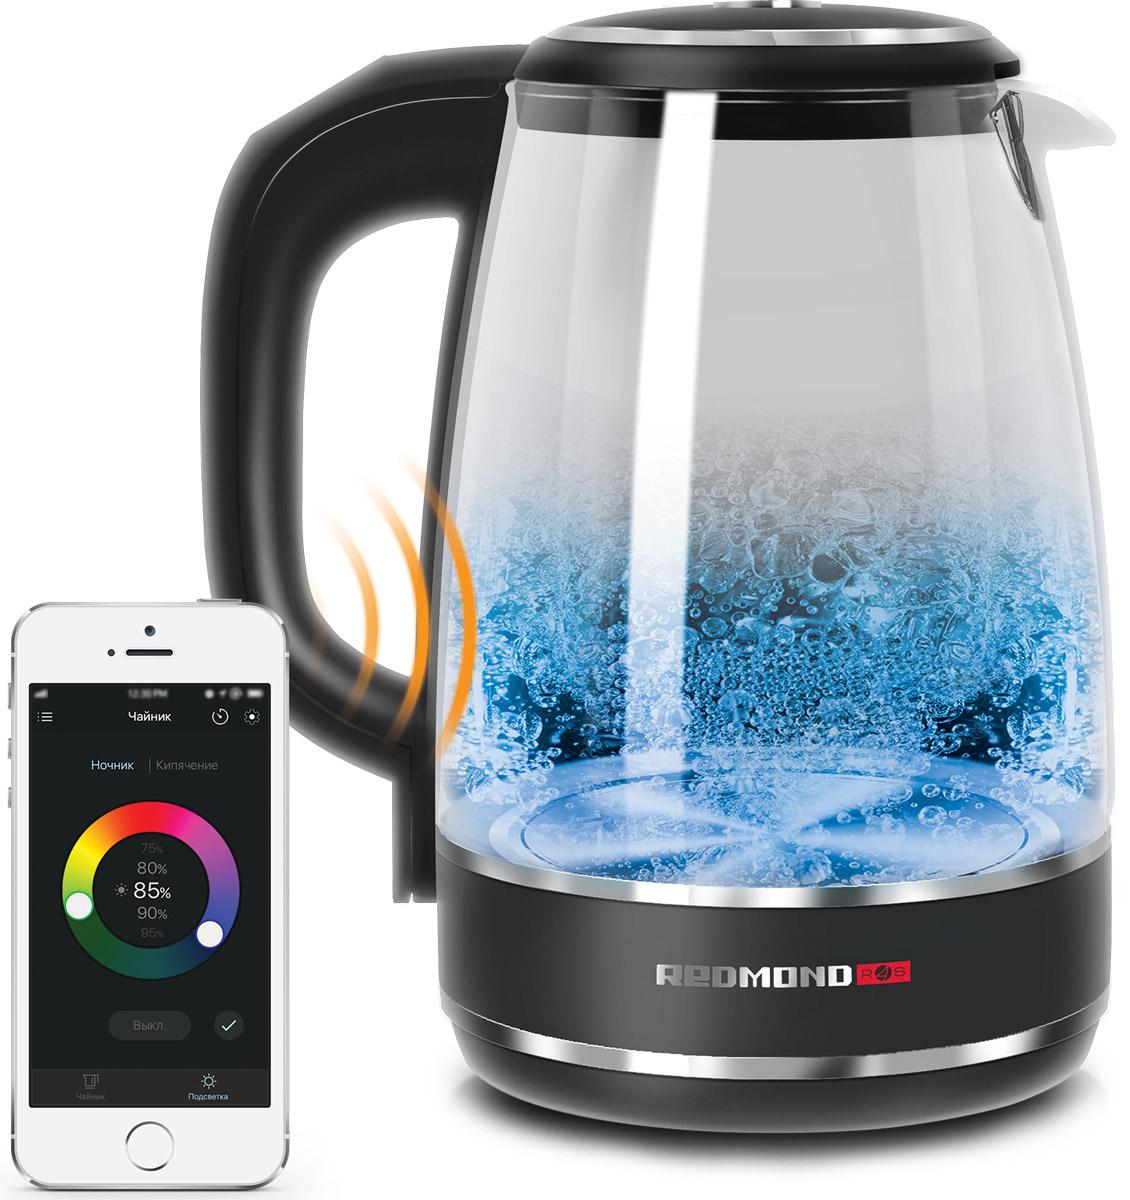 Redmond SkyKettle RK-G200S умный электрический чайникRK-G200SУмный световой чайник Redmond SkyKettle G200S – современный чайник с оригинальным свечением и дистанционным управлением со смартфона. Через приложение Ready for Sky в smart-чайнике можно подогреть воду до нужной температуры, а также настроить любой цвет подсветки и сделать так, чтобы стеклянный корпус и вода в нем переливались как в калейдоскопе или на танцплощадке – всеми цветами радуги!Одним касанием экрана смартфона можно включить подсветку умного чайника SkyKettle G200S, выбрав любой цвет и при желании настроив его яркость. В приложении можно задать также скорость перехода свечения от одного цвета к другому, чтобы через заданные вами промежутки времени (от 30 секунд до 3 минут) цветовая гамма подсветки красиво менялась, создавая эффект светомузыки.Подсветка умного чайника может изменяться в процессе нагрева воды – достаточно внести соответствующую настройку через приложение. А хотите, чтобы умный чайник красиво светился в темное время суток и даже когда не нагревает и не кипятит воду? Так, настройте через приложение ночник с любым цветом свечения! Умный световой гаджет Redmond SkyKettle G200S создаст незабываемую атмосферу на вашей кухне!Благодаря дистанционному управлению подогреть воду для чая и кофе в SkyKettle можно в один клик. Помимо кипячения здесь предусмотрено 4 температурных режима: 40, 55, 70 и 85°C. В приложении можно задать любую температуру нагрева независимо от четырех встроенных режимов с точностью до 1°C. Это позволит с легкостью правильно заваривать разные сорта чая!Если вы задерживаетесь или еще не готовы пить чай/кофе, то умный чайник поддержит воду теплой. Подогрев в SkyKettle G200S включится автоматически.Дополнительное преимущество SkyKettle – блокировка панели управления, предупреждающая случайное нажатие кнопок, будет полезна в семьях с маленькими детьми и взбалмошными домашними питомцами.Минимальная поддерживаемая версия Android: 4.3 Jelly BeanМинимальная поддерживаемая версия